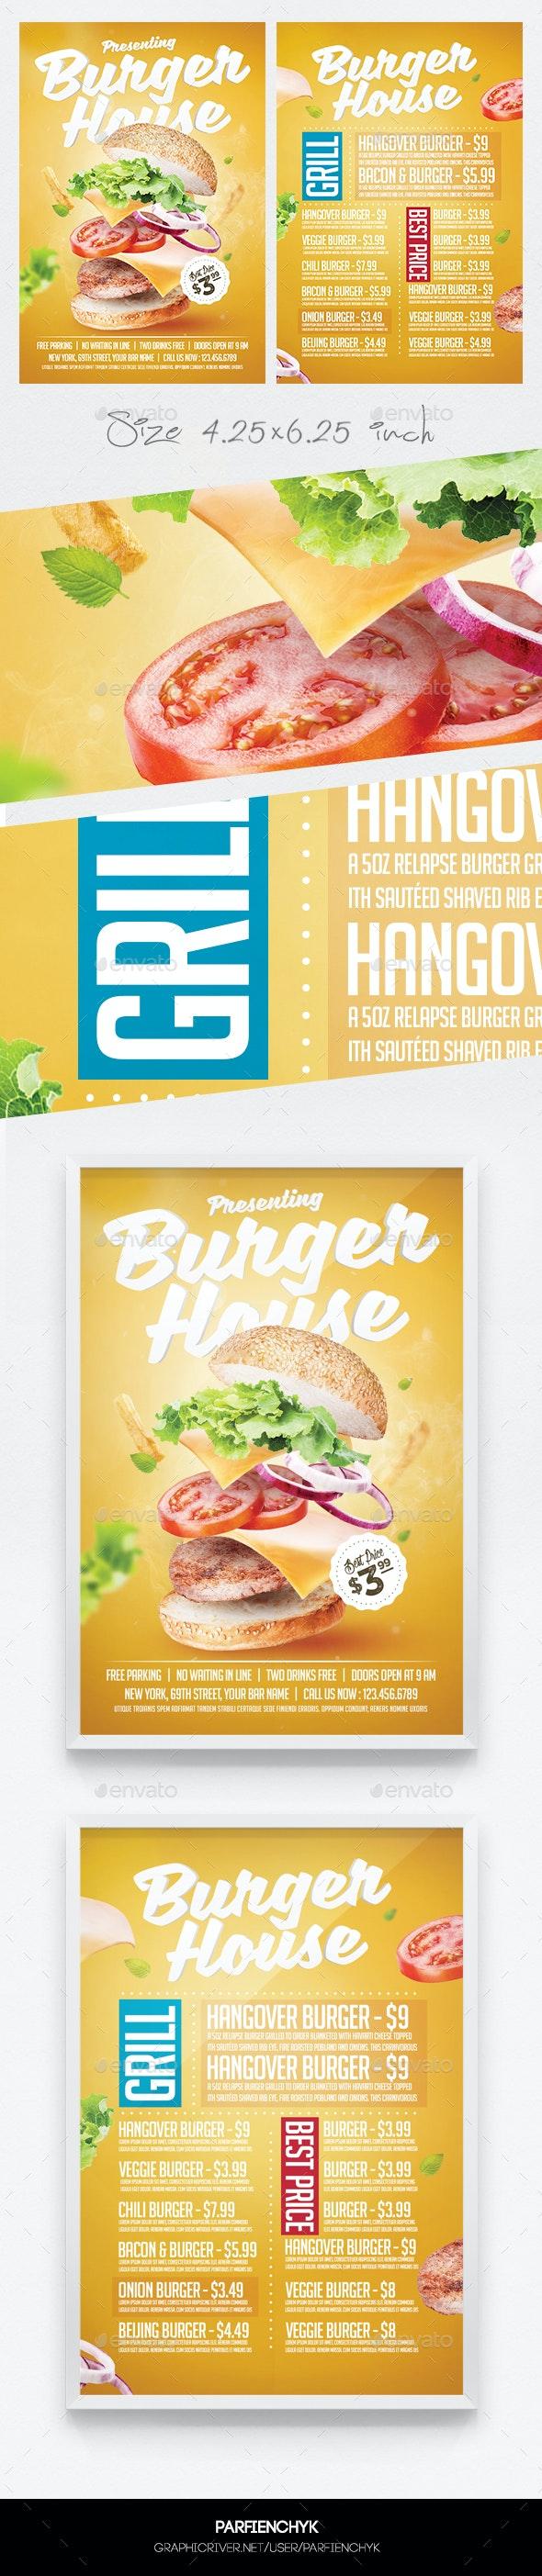 Burger Flyer Menu Template - Restaurant Flyers